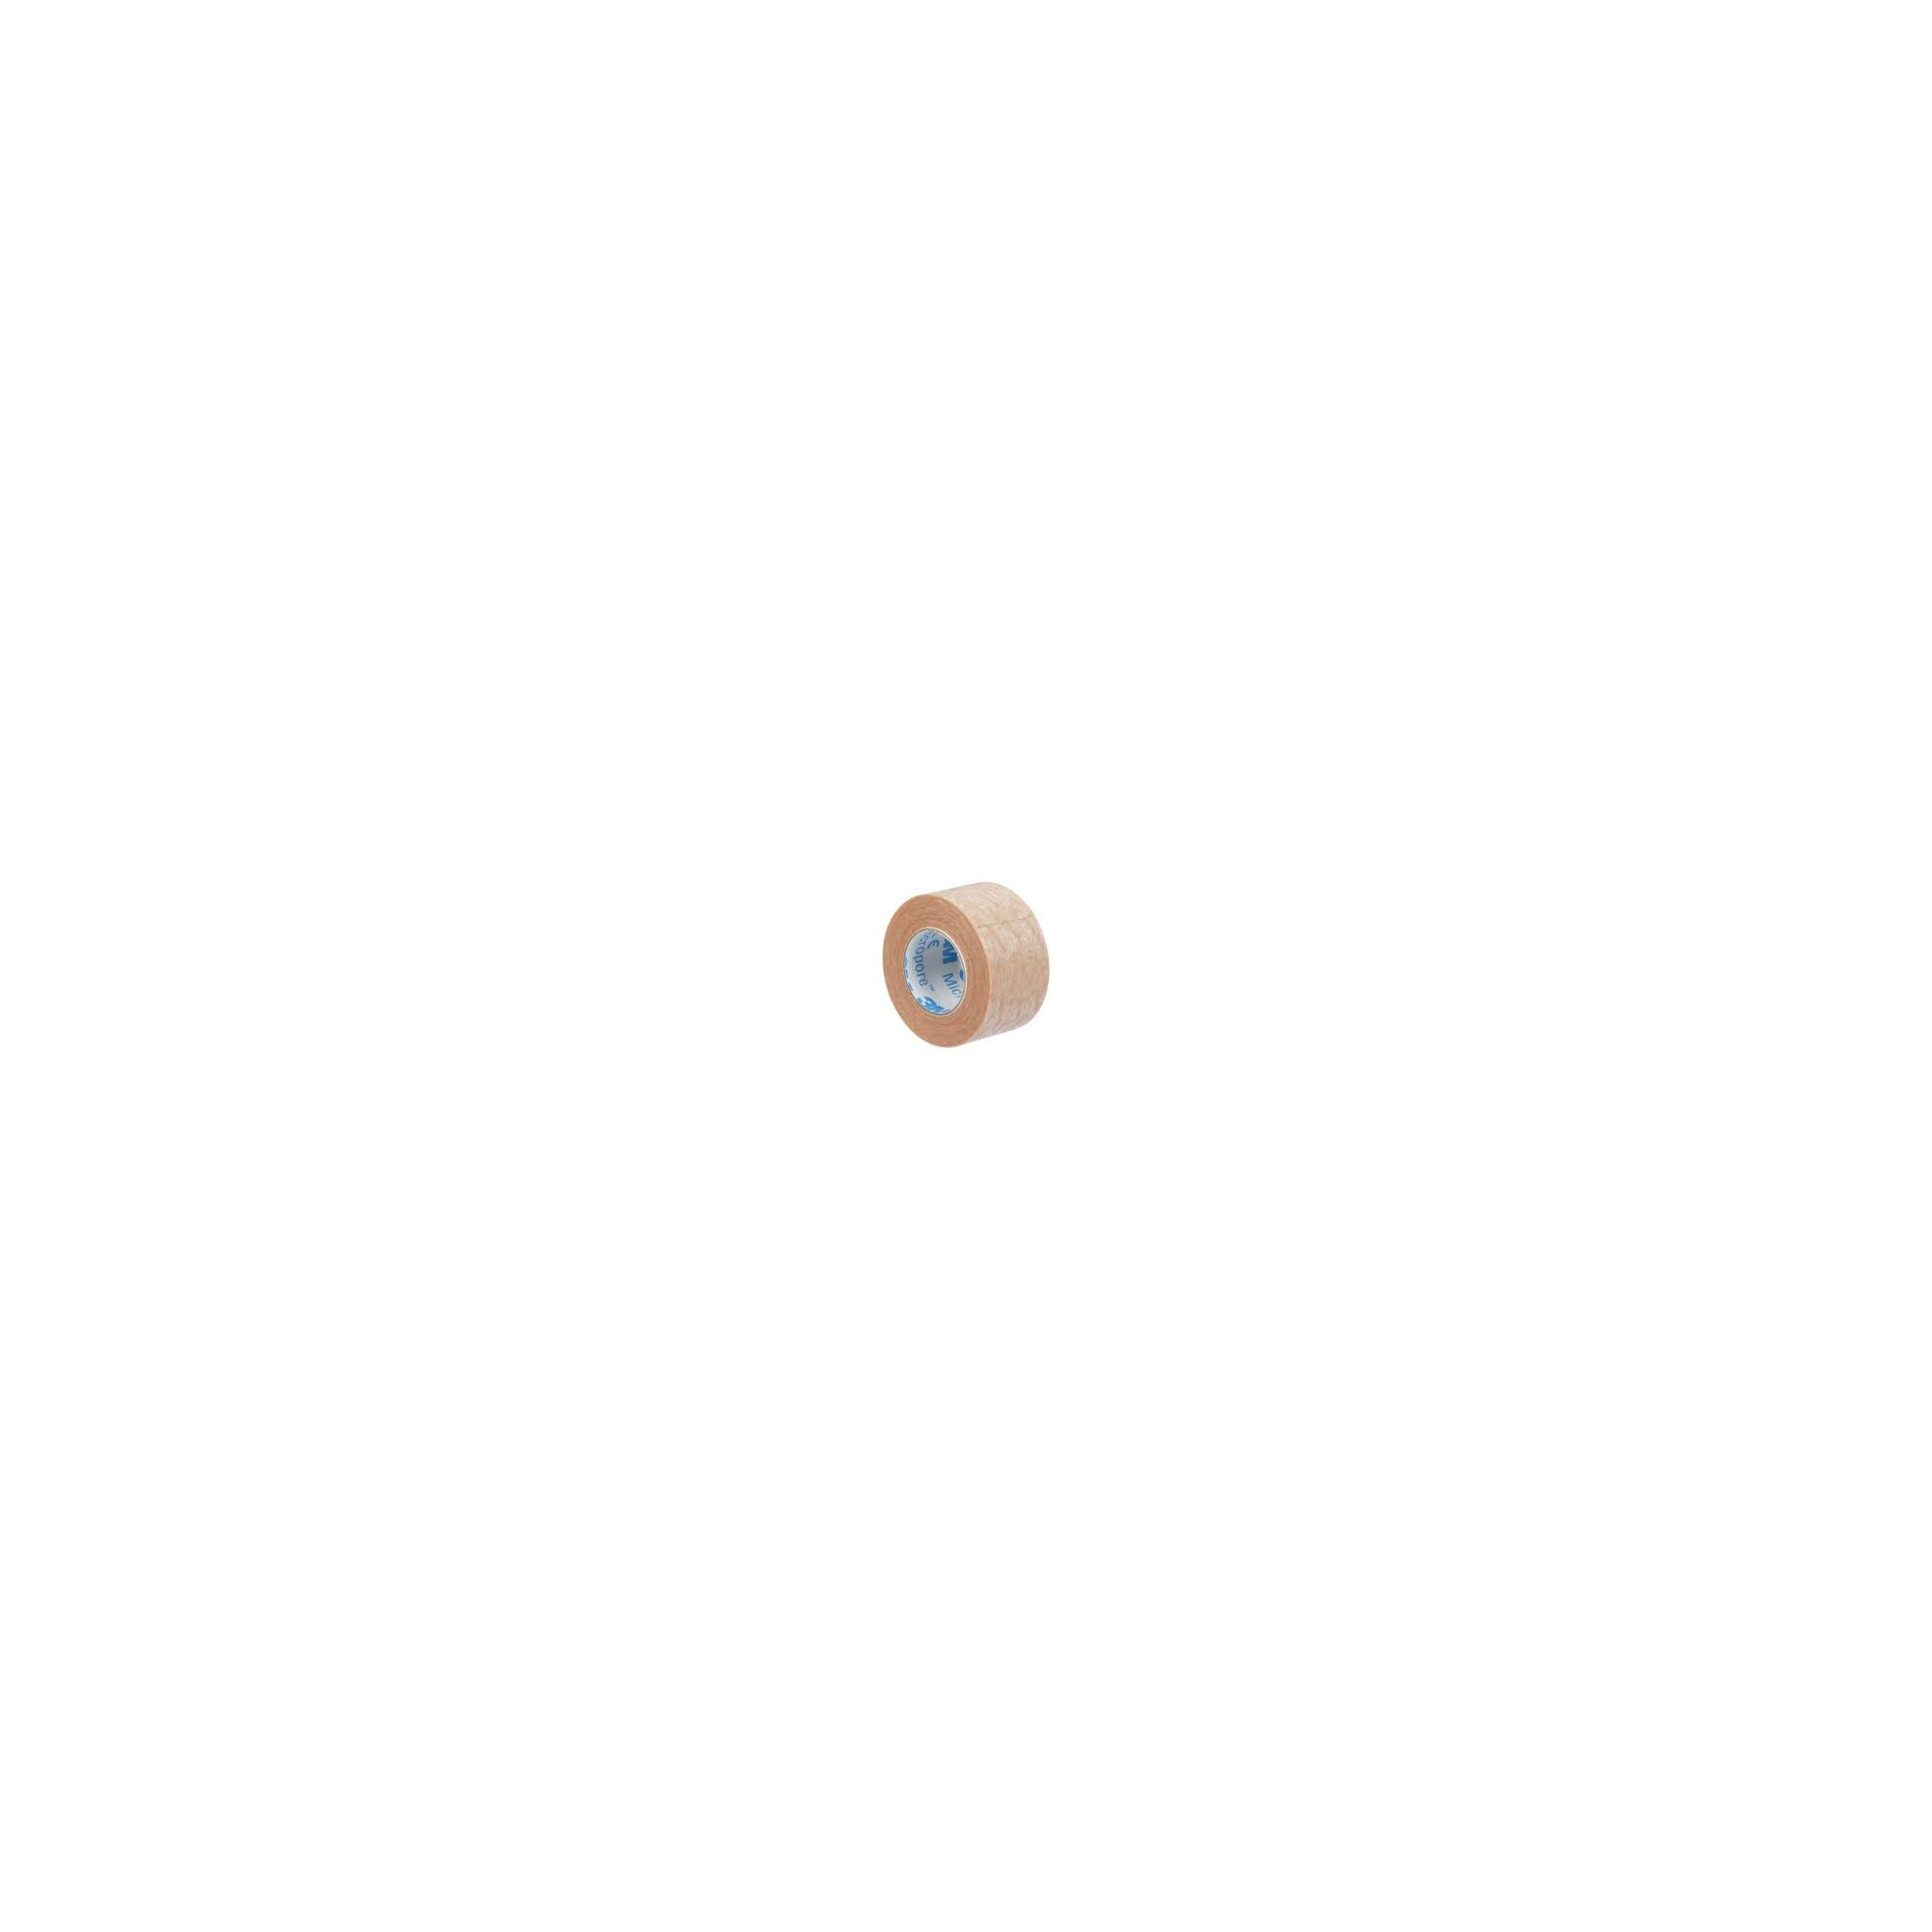 1 rouleau de sparadrap Micropore - 2.5cm x 9.1m - 3M